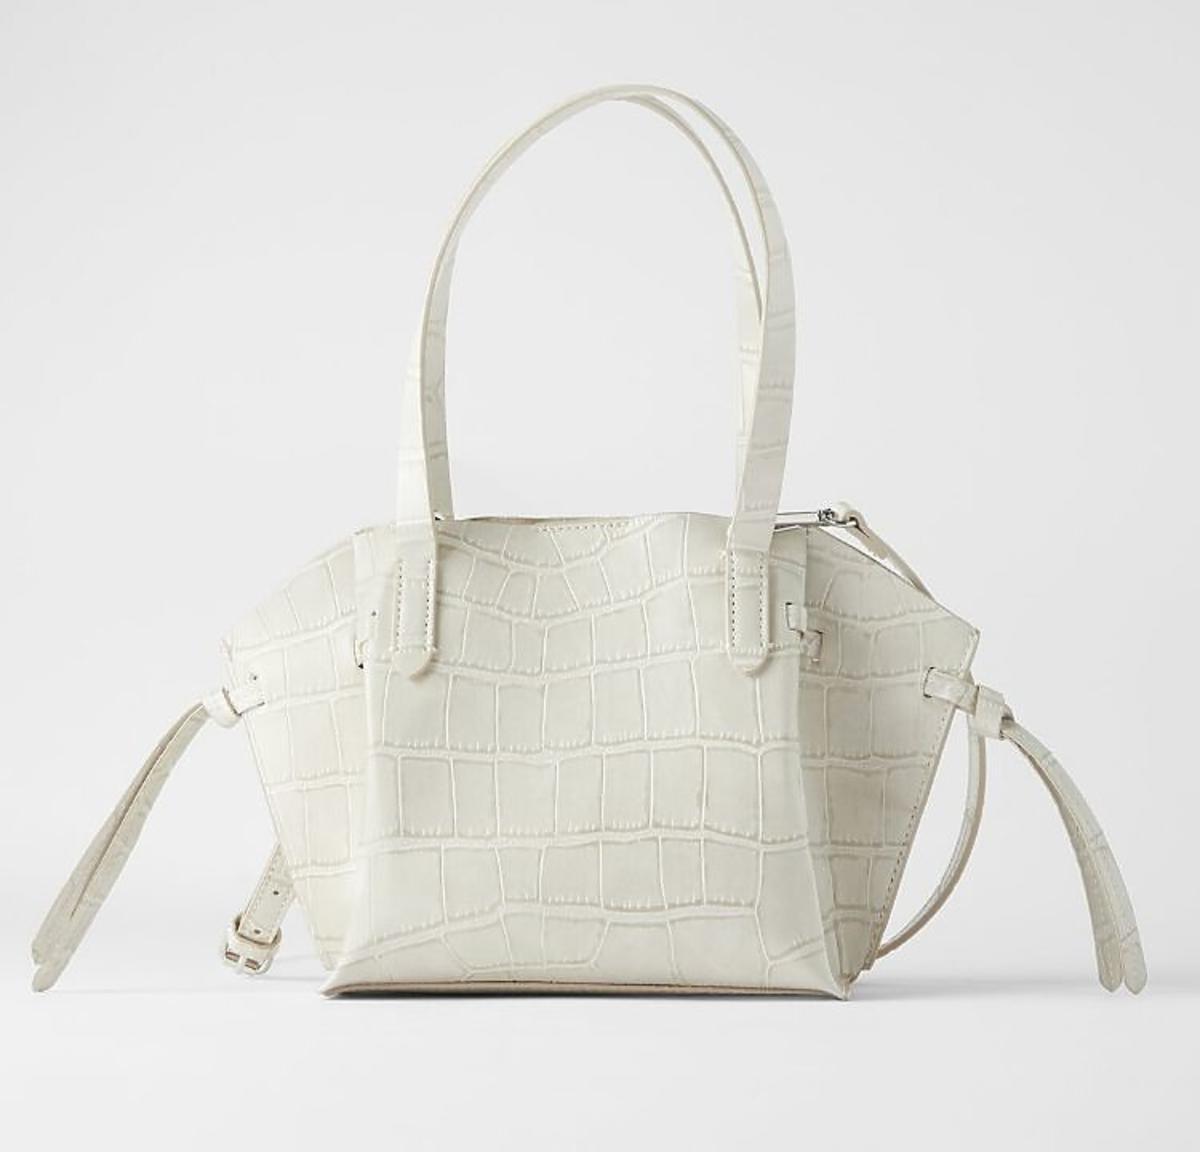 Biała torebka kuferek wyprzedaż Zara